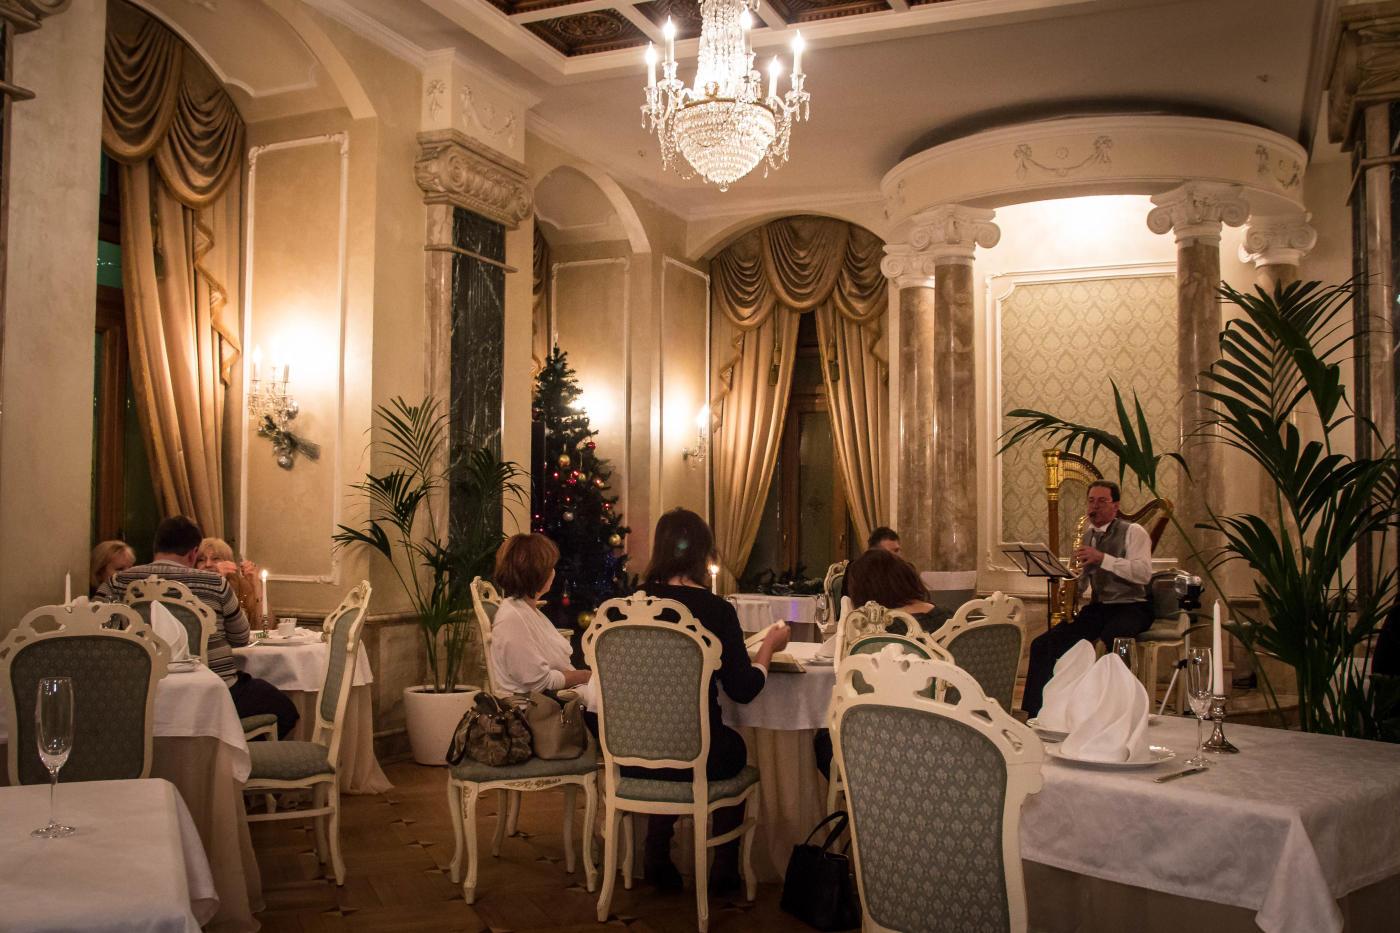 Ресторан Ривьера (Riviere) фото 49